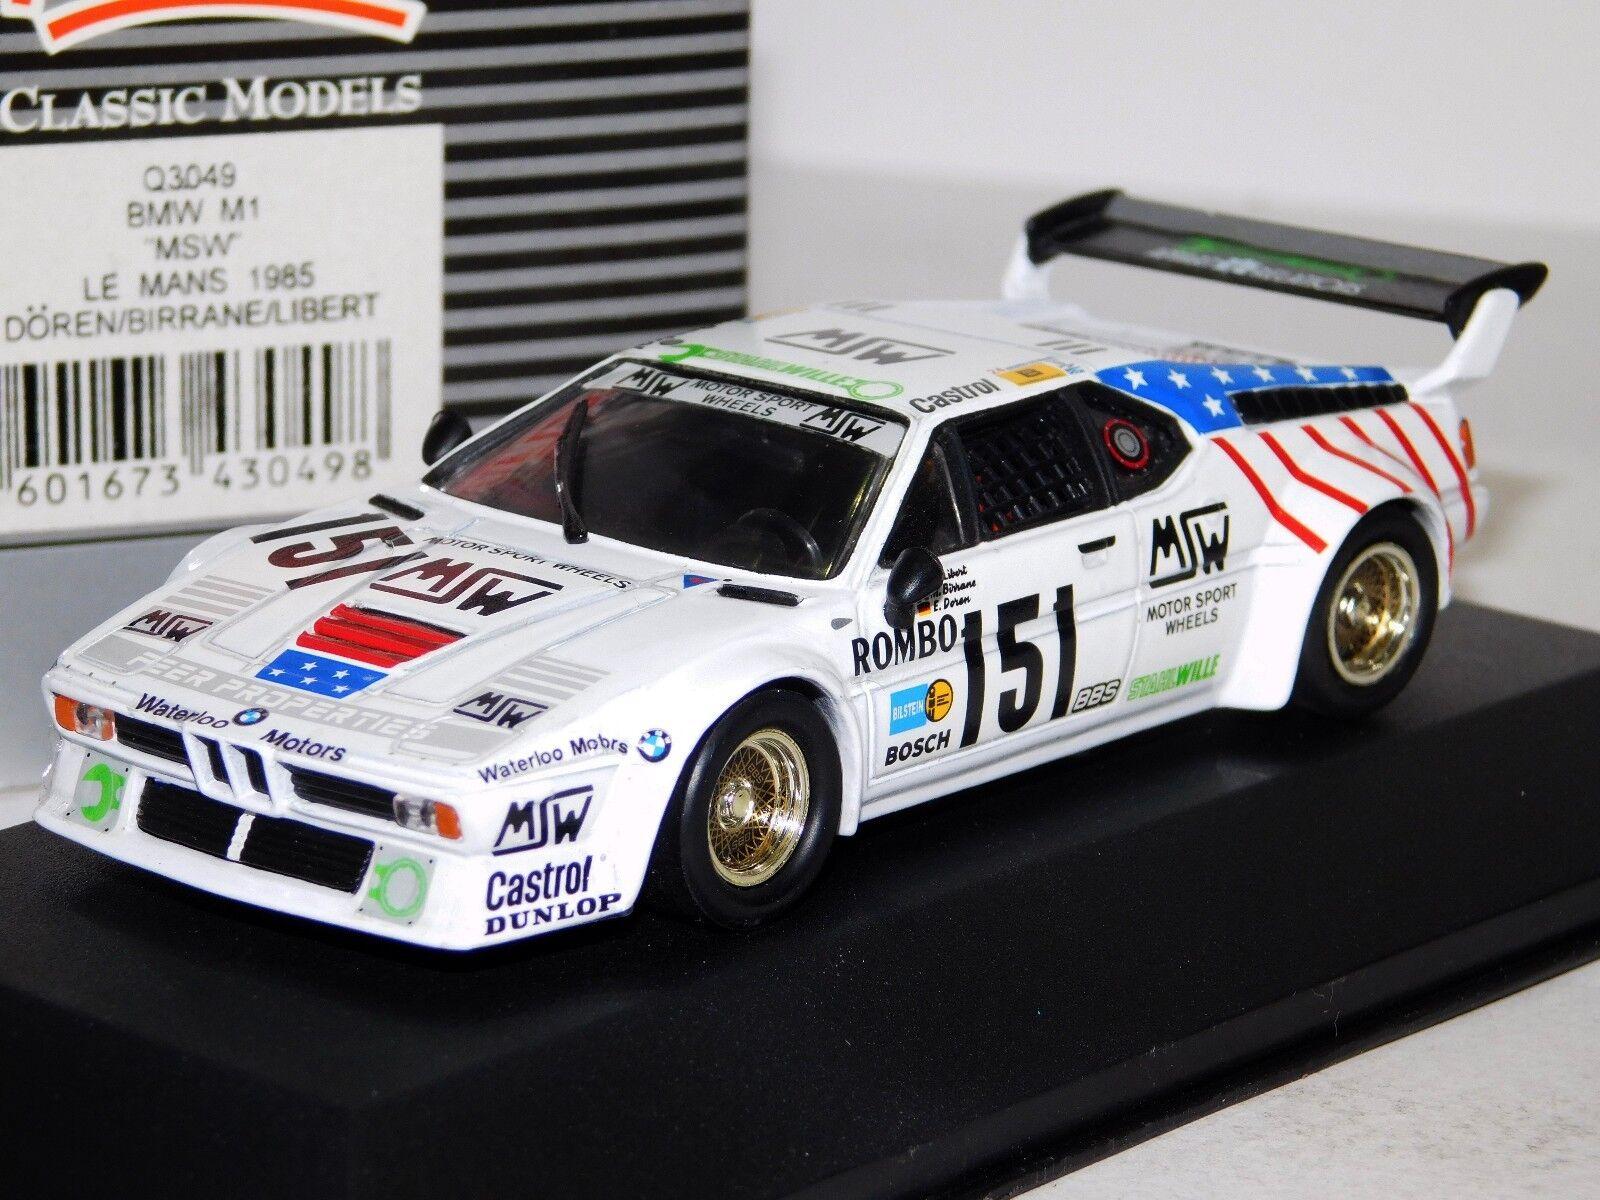 BMW M1 MSW LE MANS 1985 QUARTZO Q3049 Q3049 Q3049 1 43 785e07